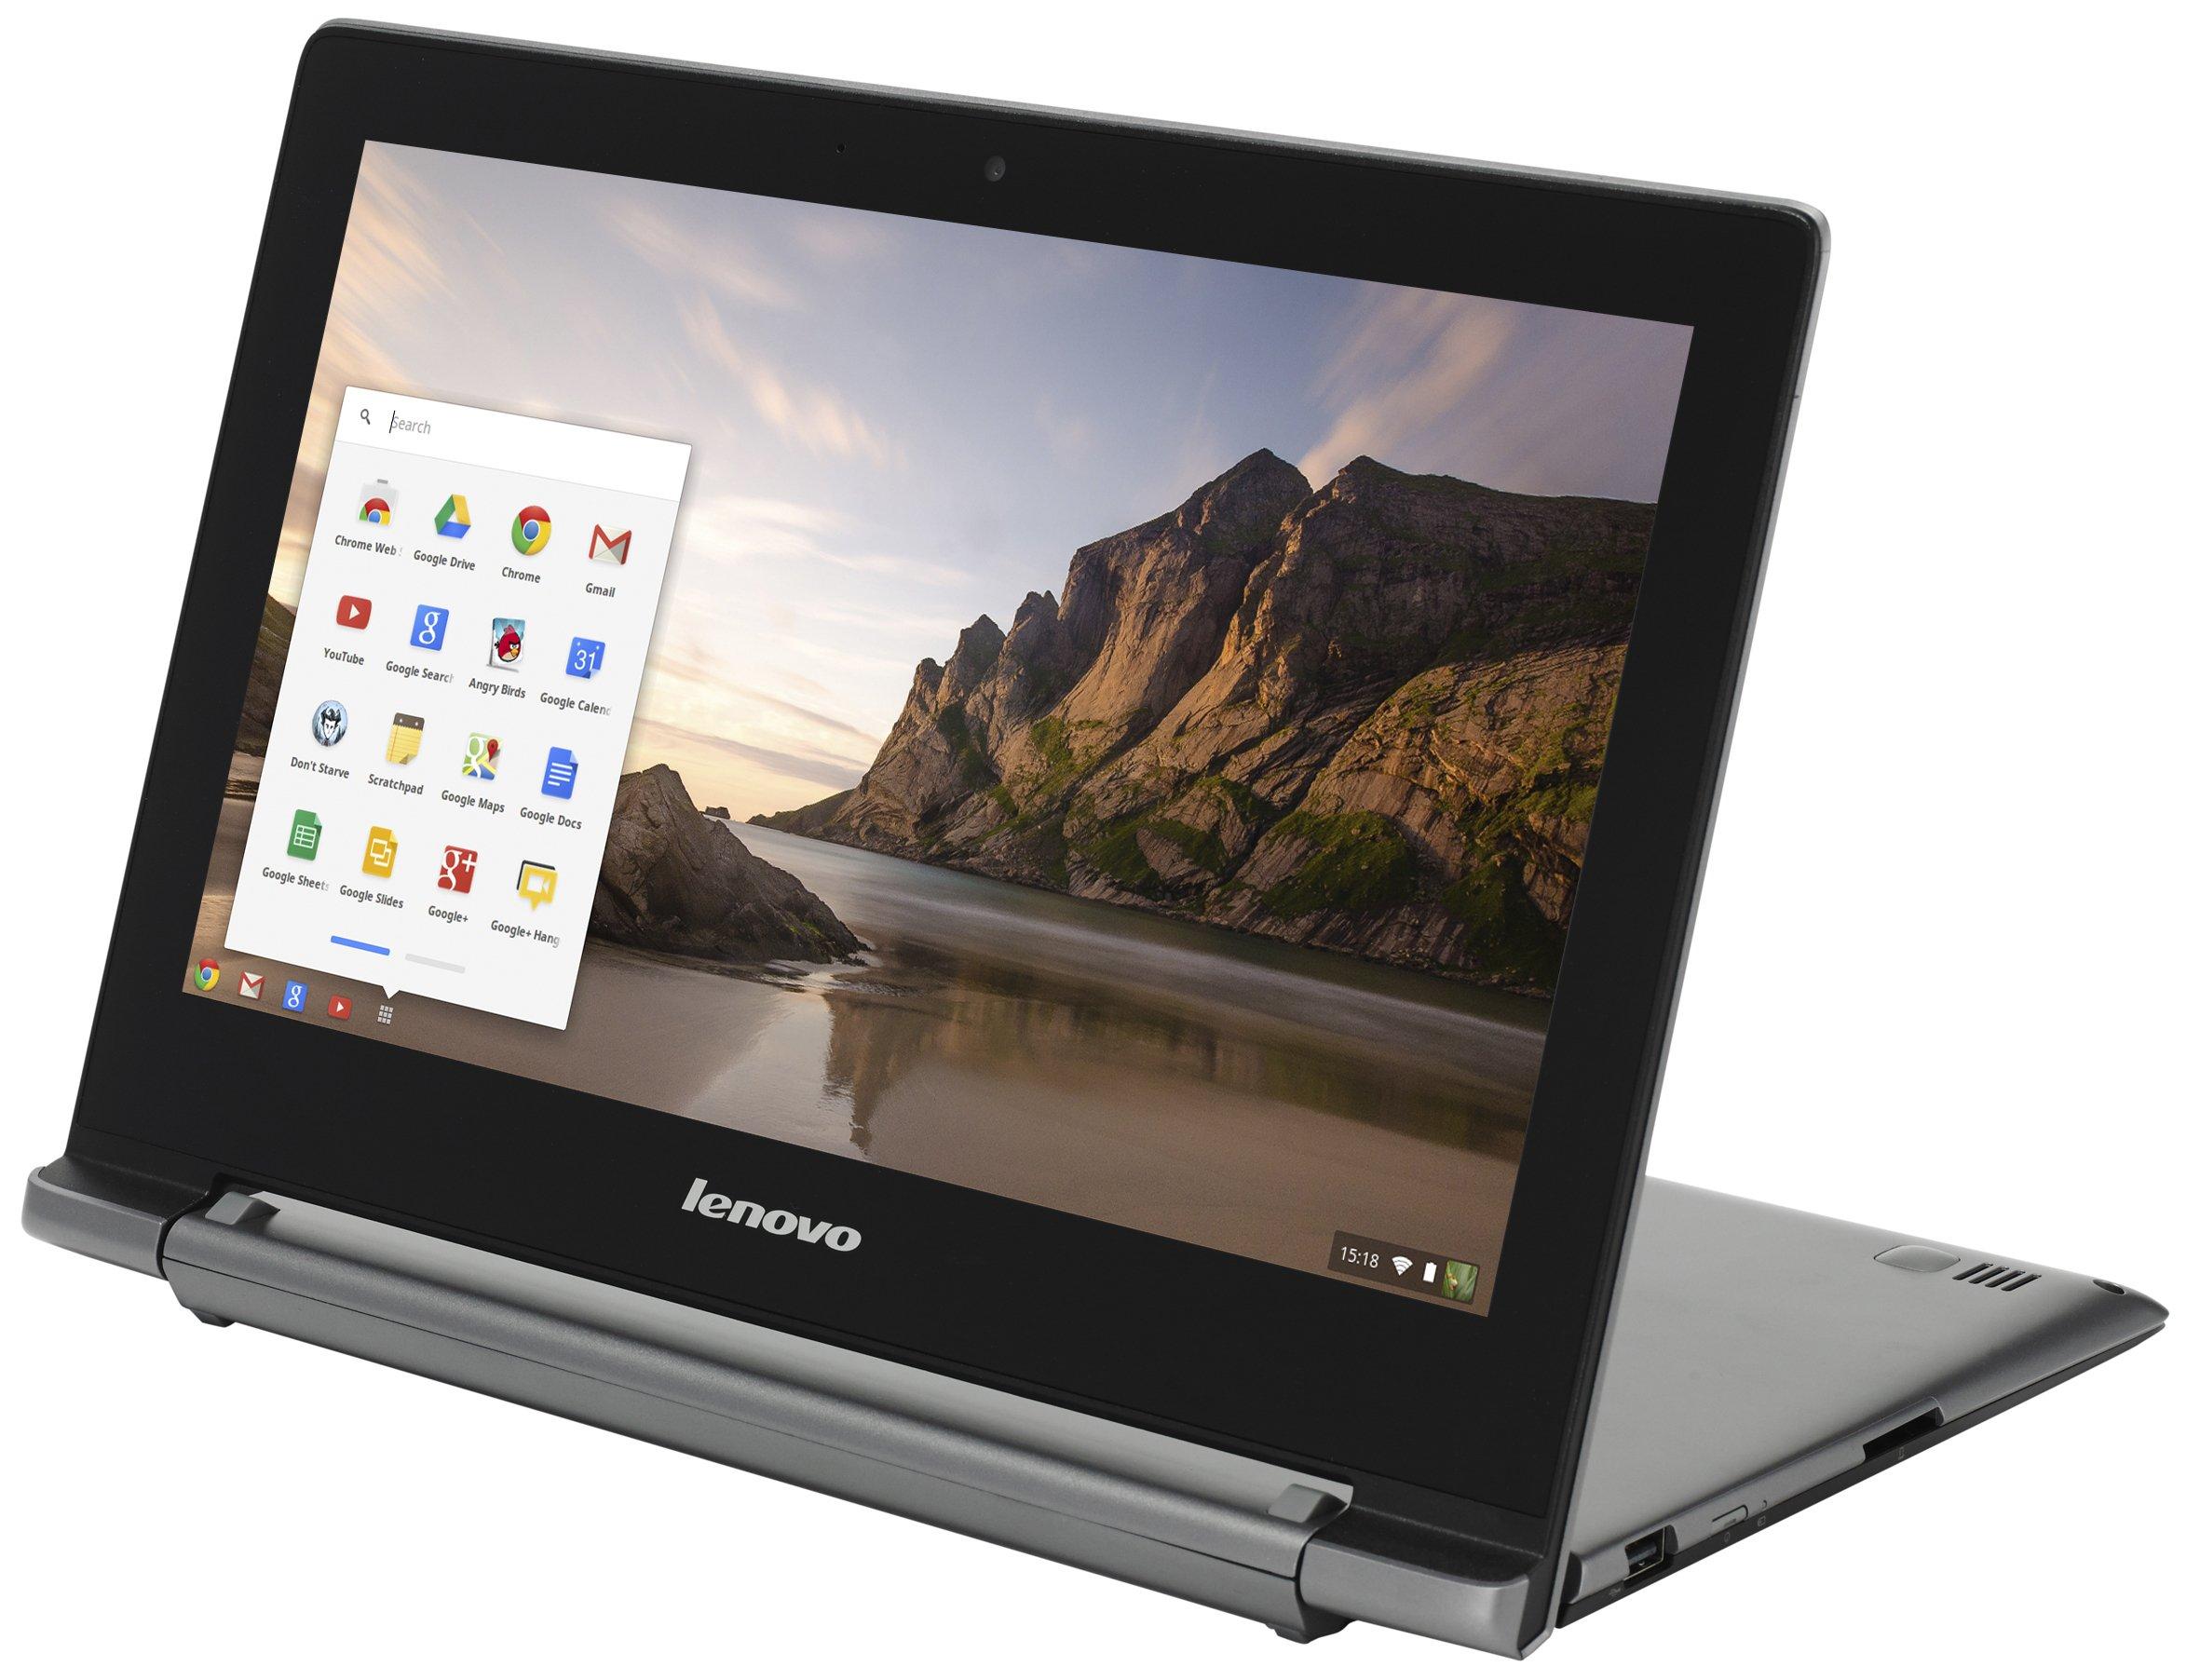 76991e411c5 Lenovo N20p Chromebook review